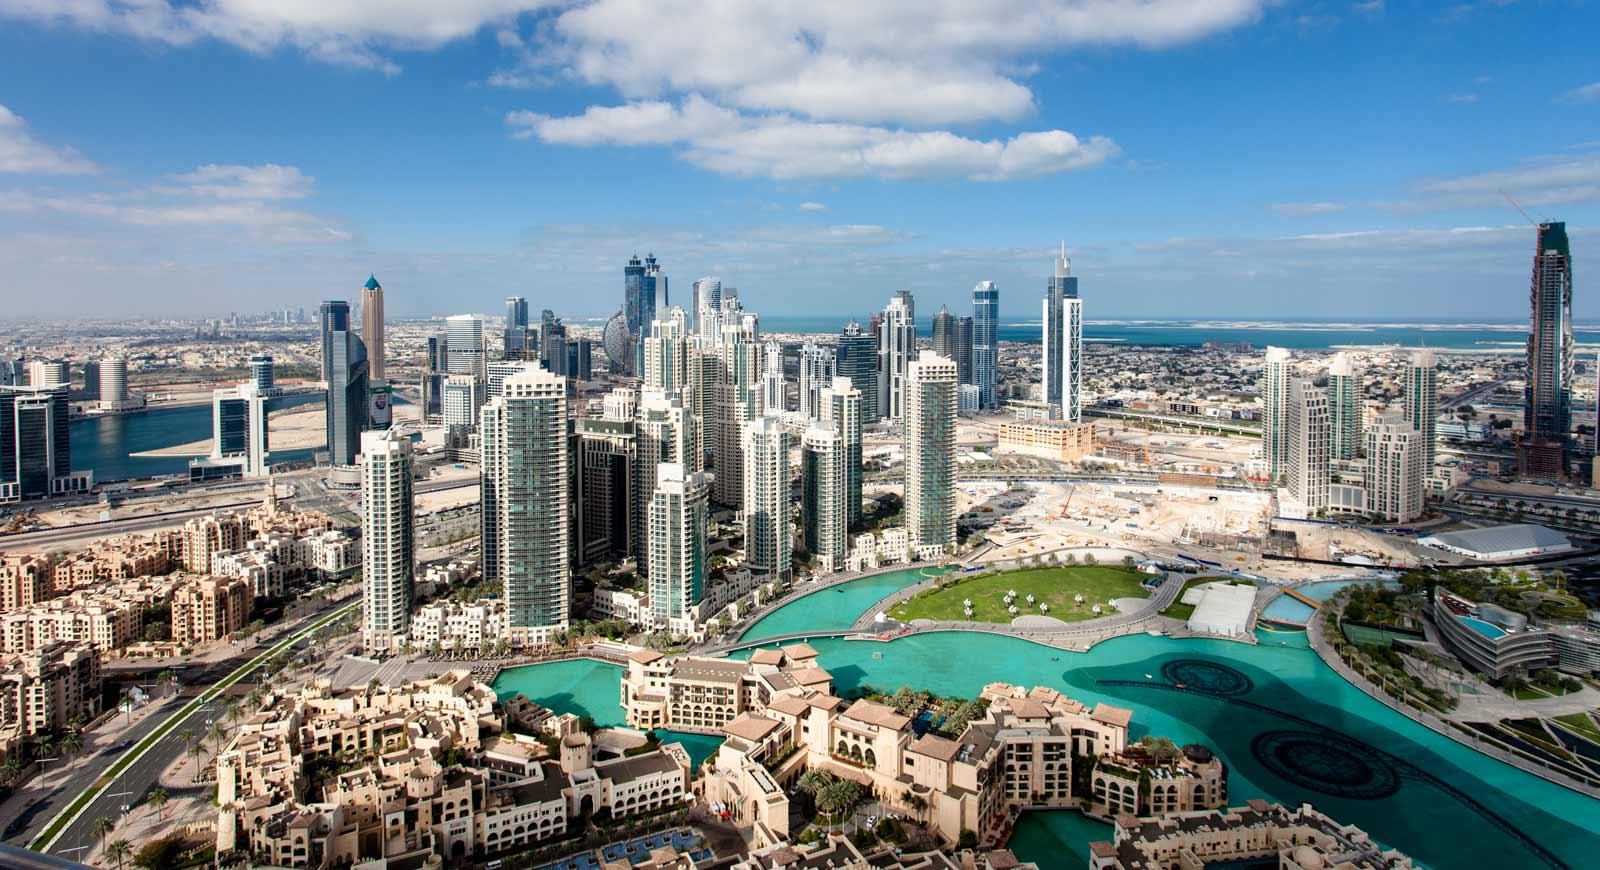 viajes personalizados a Dubai